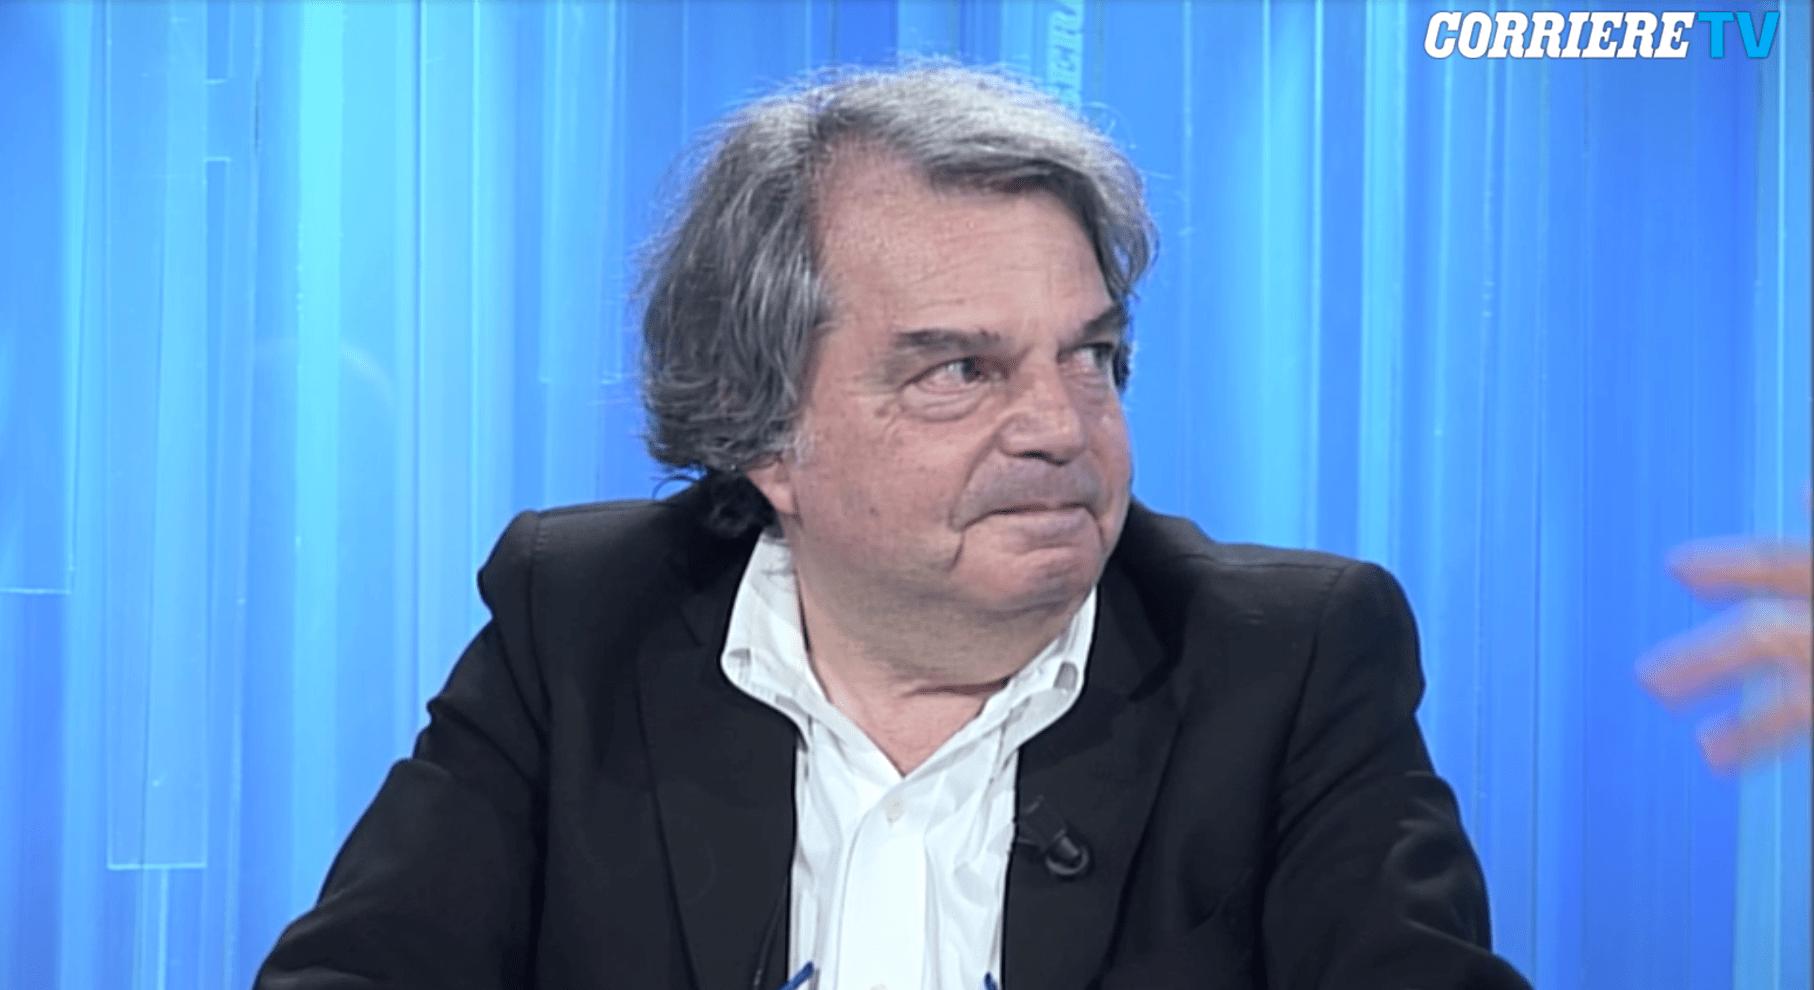 Renato Brunetta piange a Corriere Tv ricordando l'amico morto nella strage di Ustica